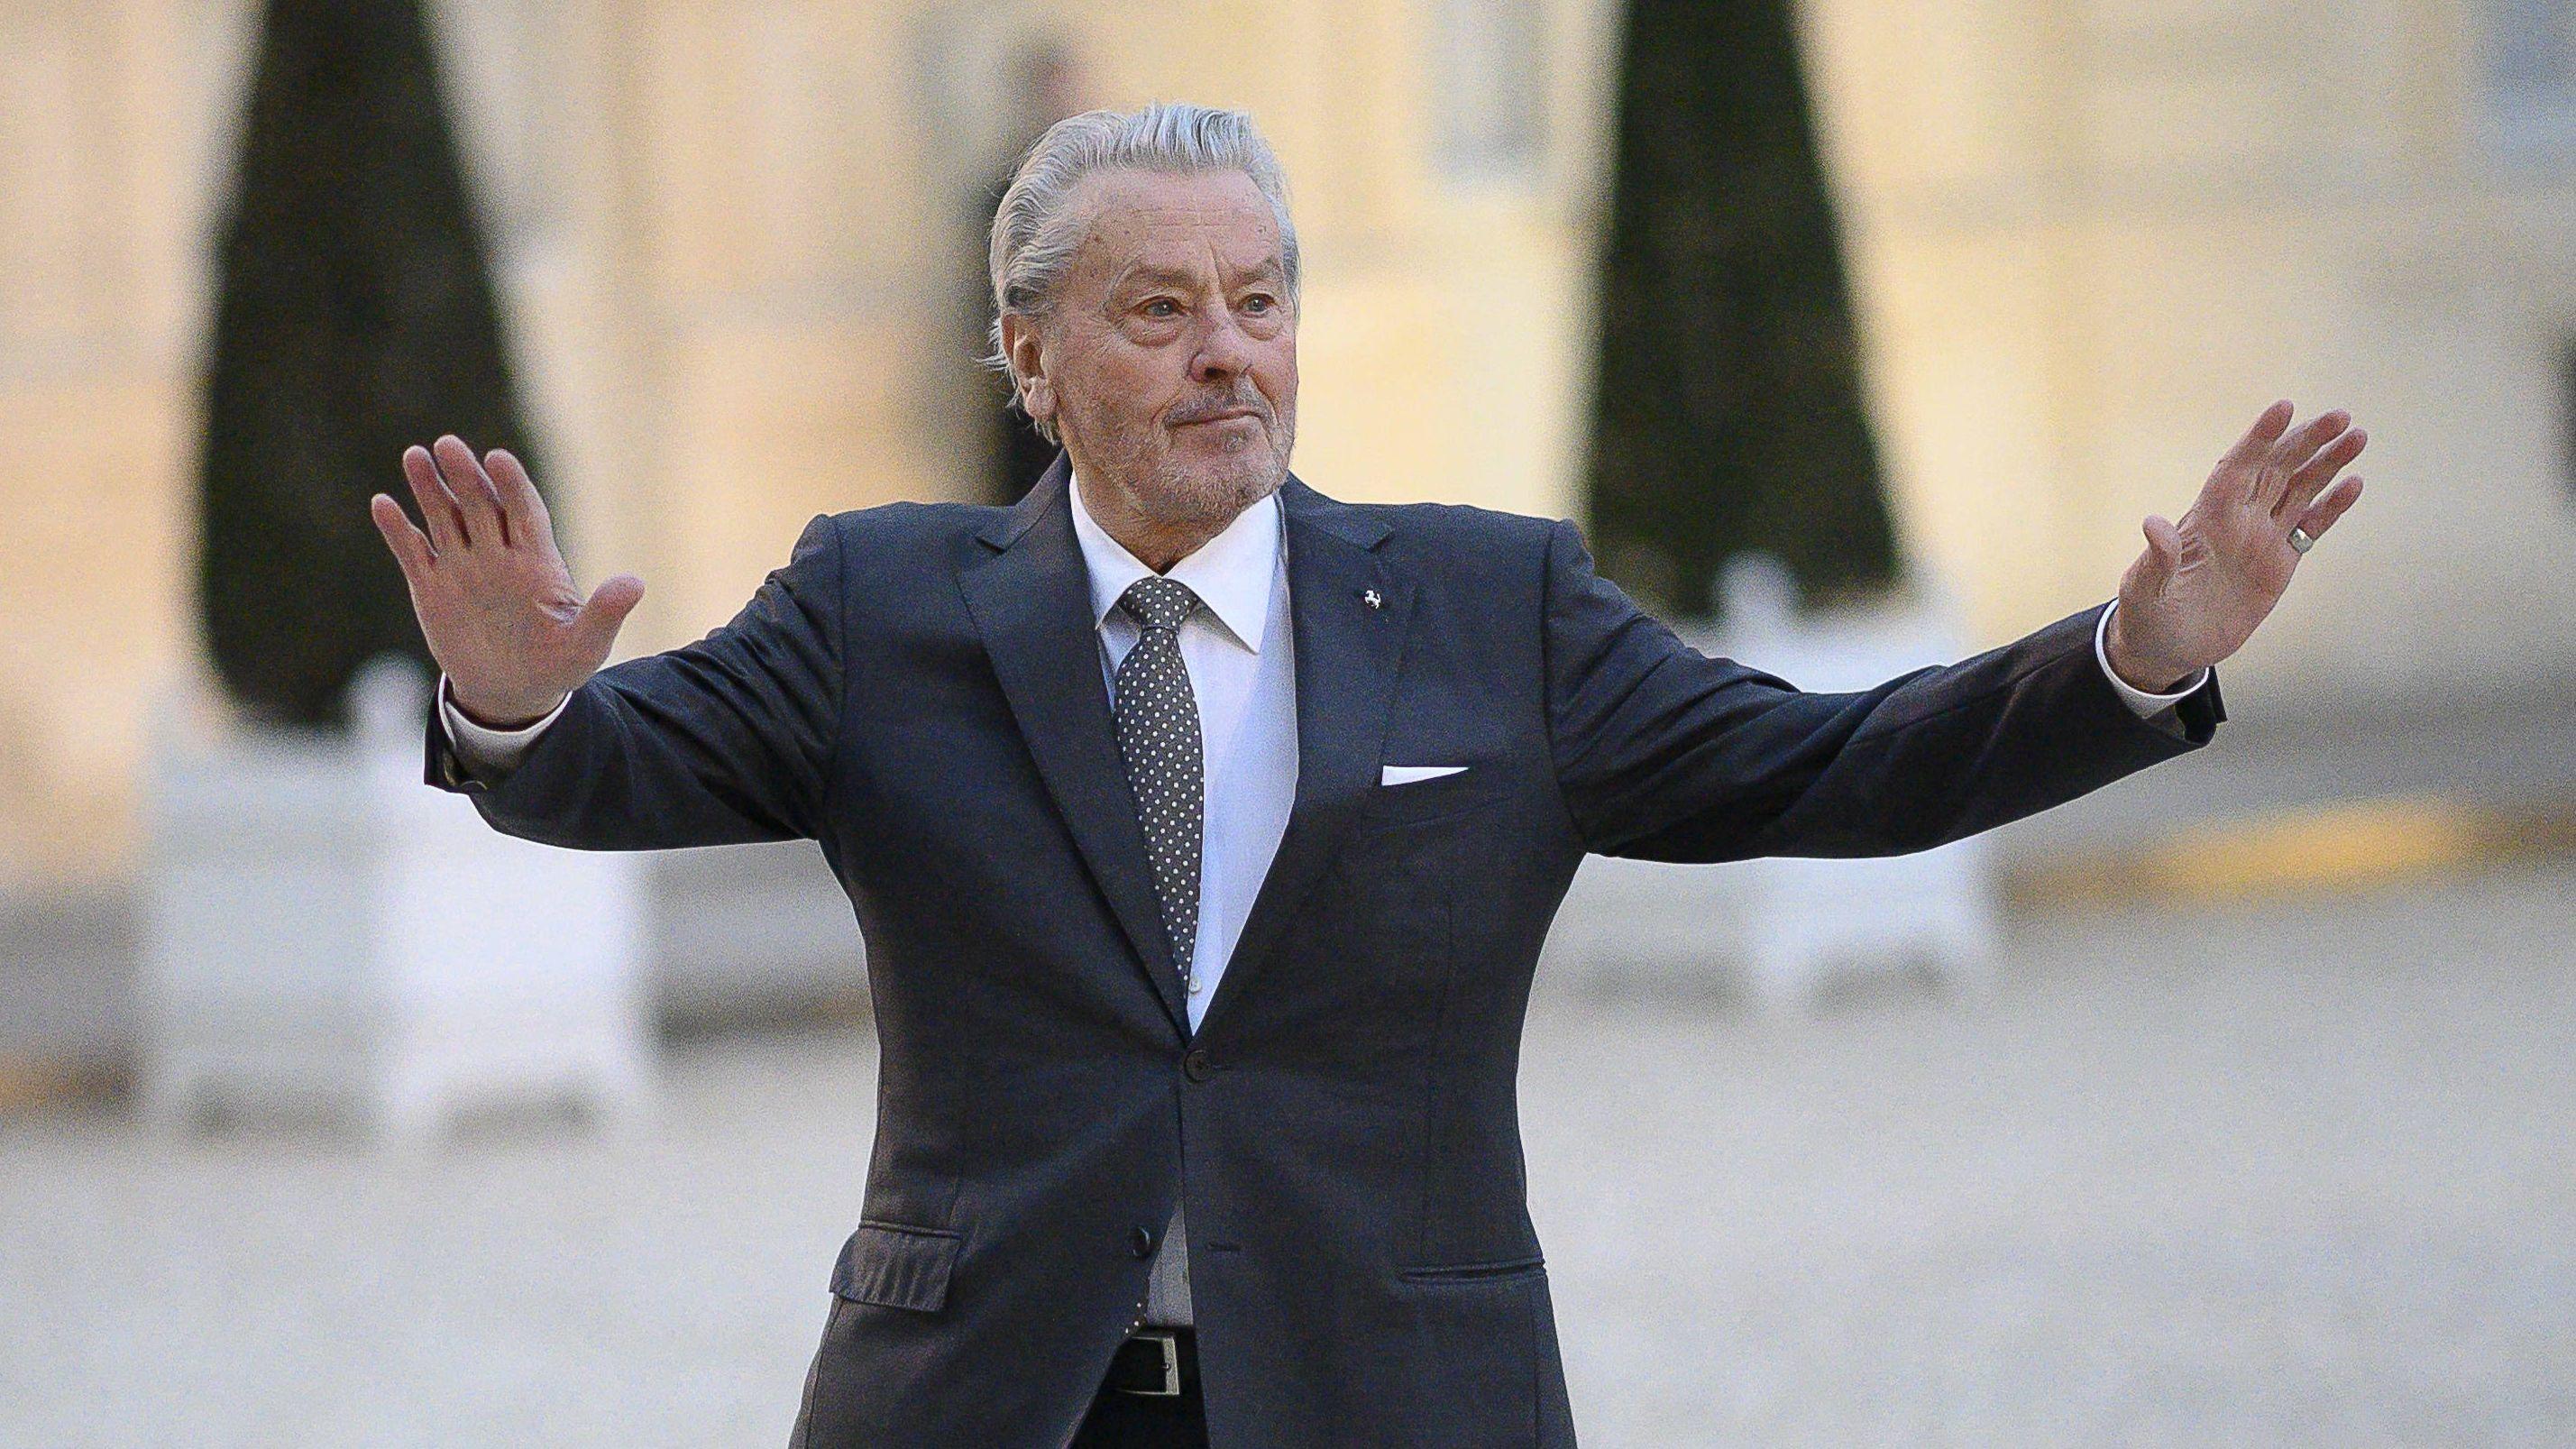 Alain Delon hebt bei der Eröffnung der 72. Filmfestspiele in Cannes beide Arme zum Gruß